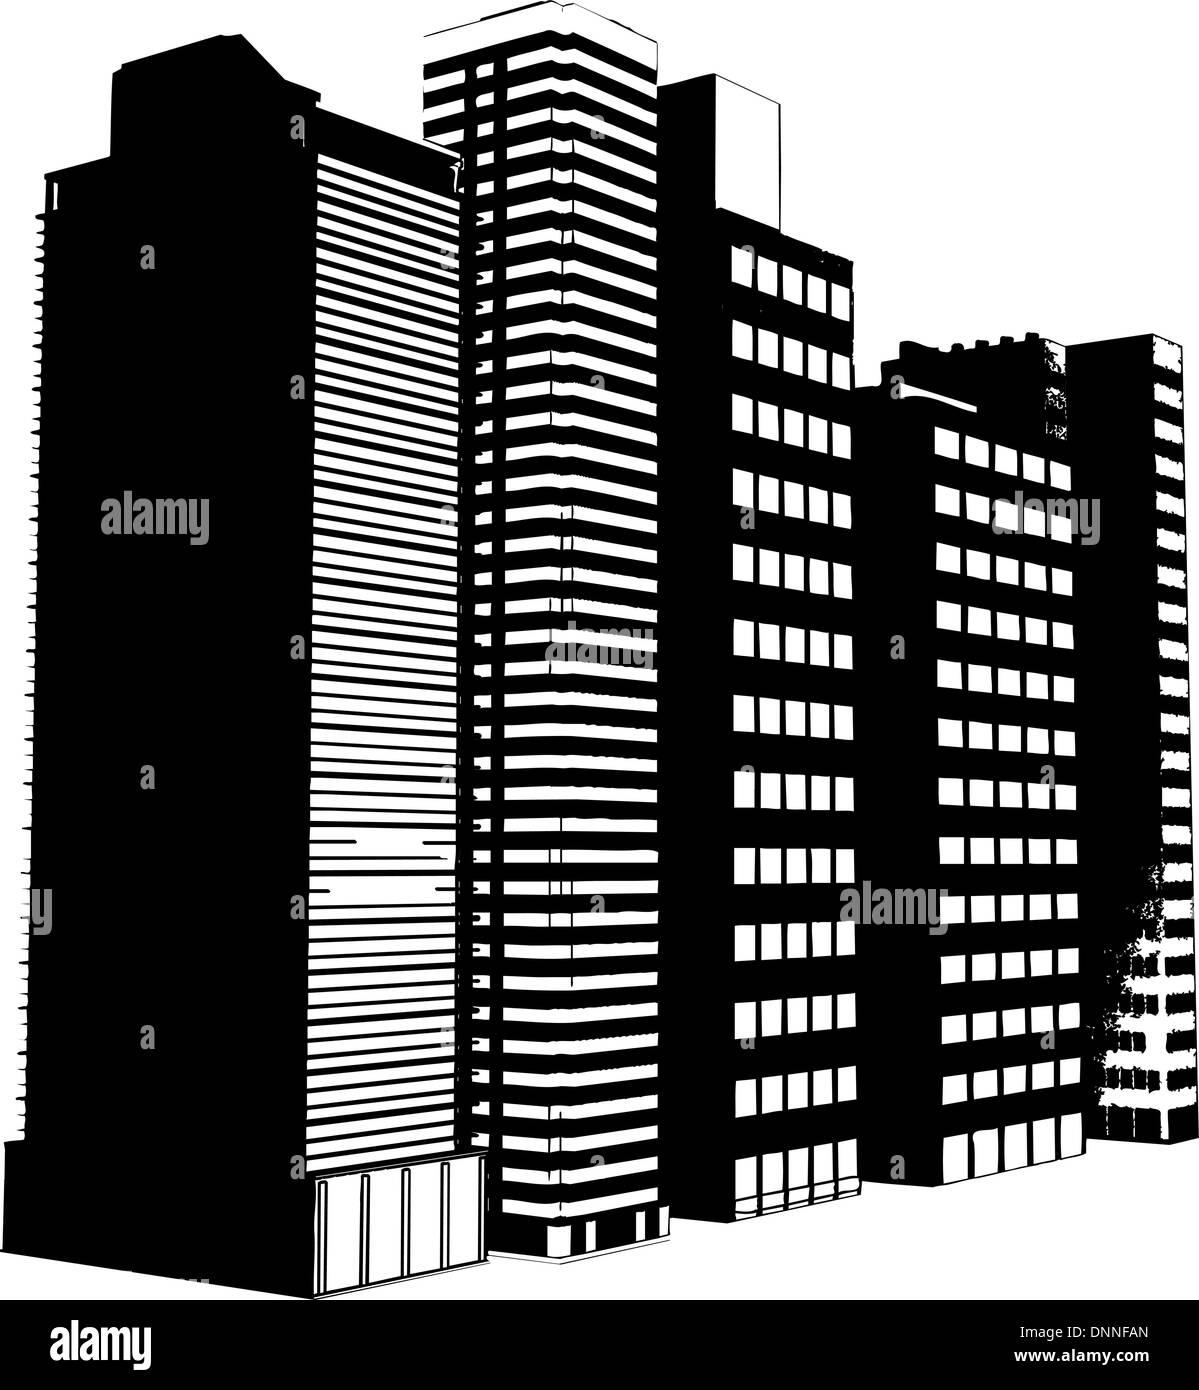 Grunge stile degli edifici Immagini Stock